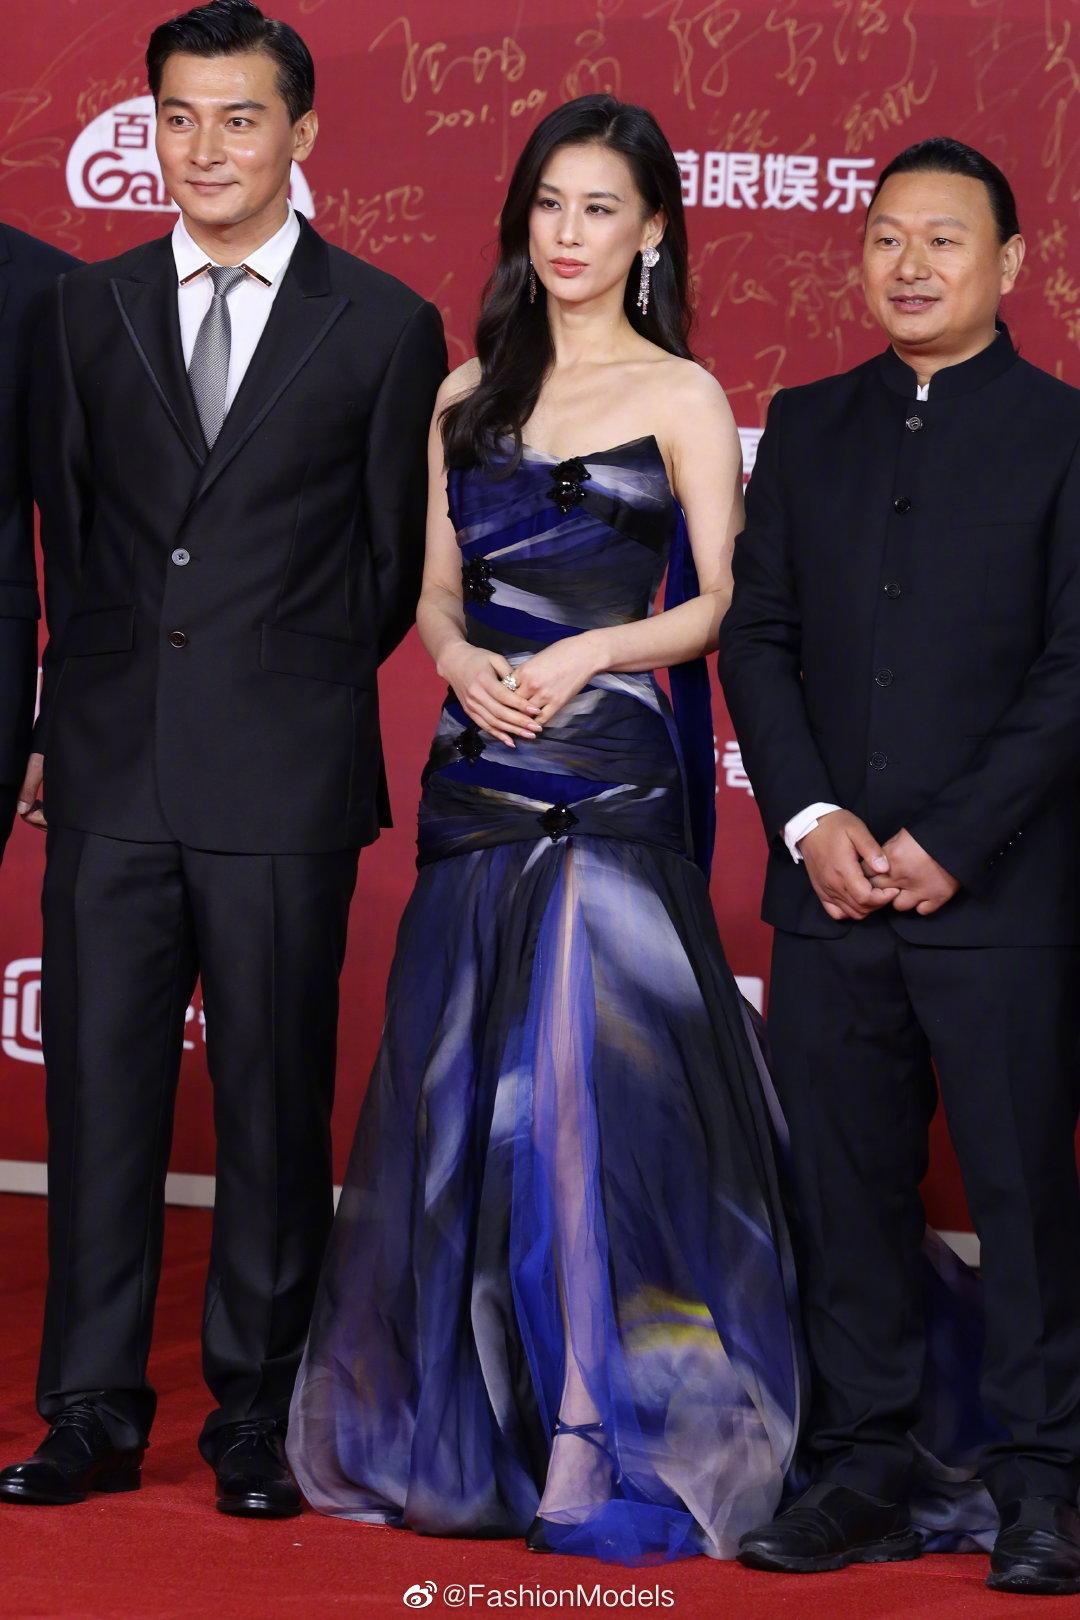 Thảm đỏ LHP Bắc Kinh: Angela Baby và mỹ nhân Tân Cương kinh diễm nhưng lộ tá khuyết điểm, Trần Khôn soái át cả đàn em 9X - Ảnh 10.